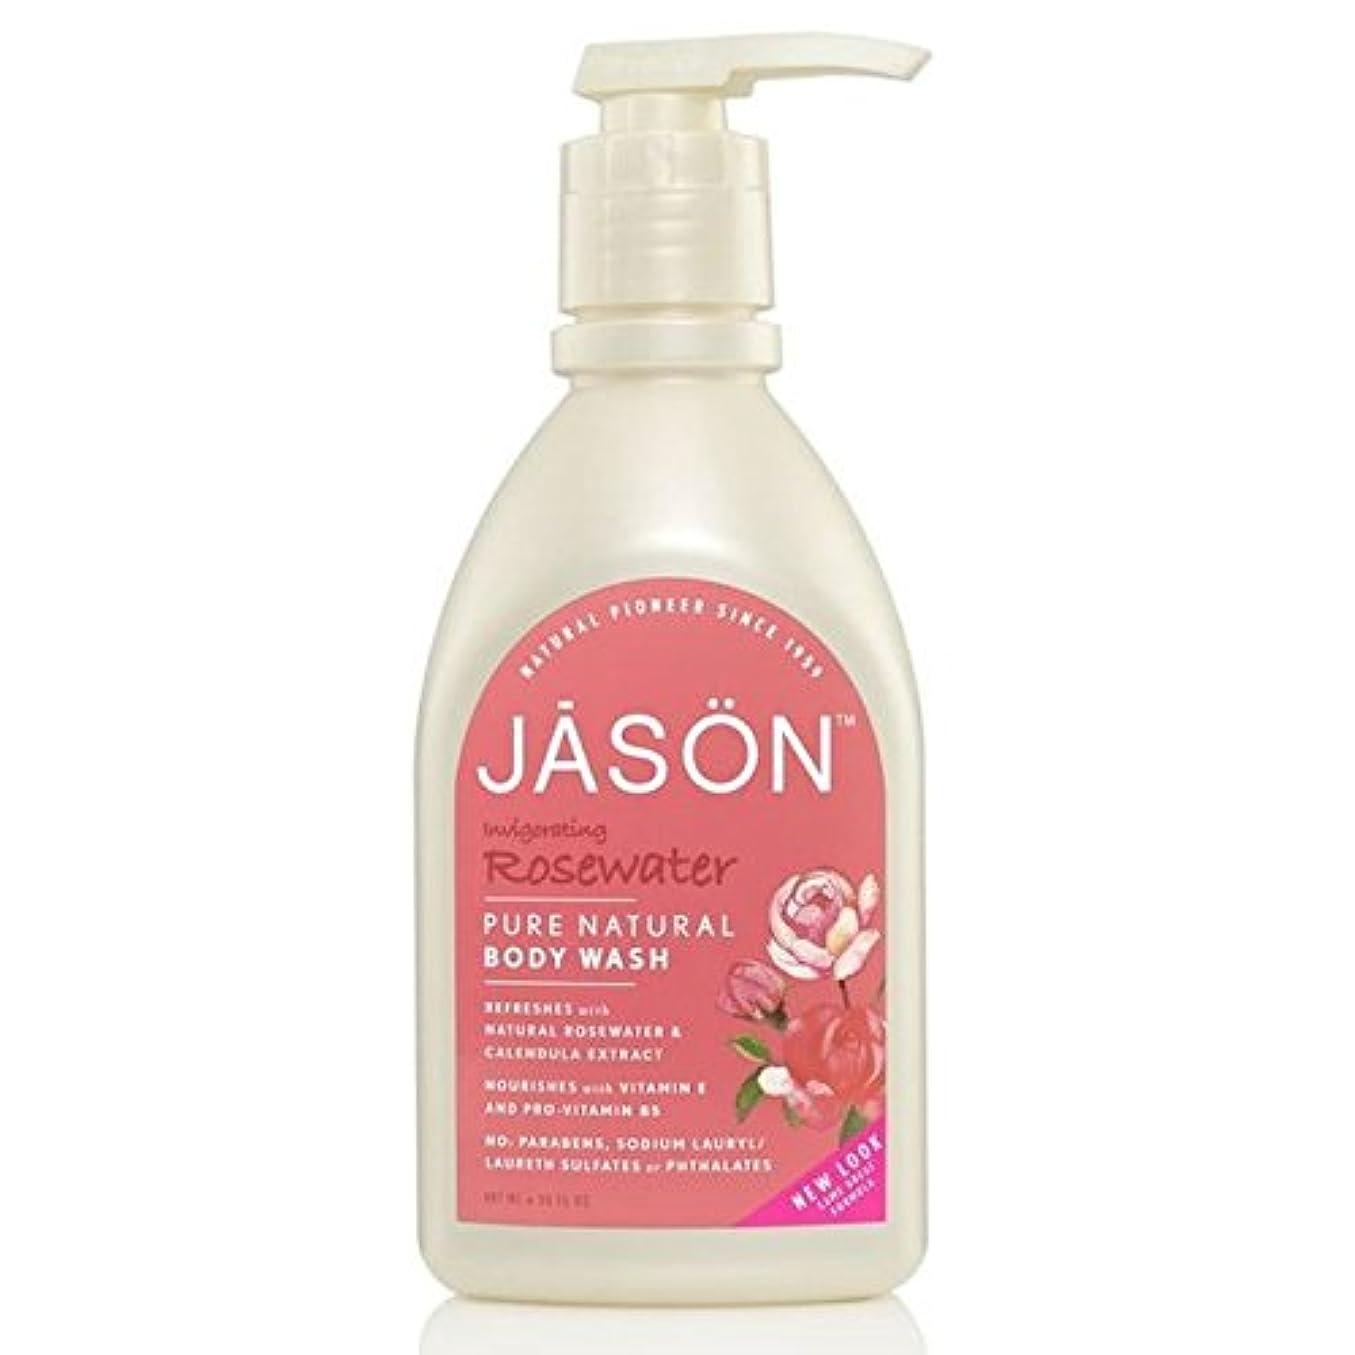 ブラウス疎外桁ジェイソン?ボディウォッシュローズウォーターサテンシャワー900ミリリットル x4 - Jason Body Wash Rosewater Satin Shower 900ml (Pack of 4) [並行輸入品]